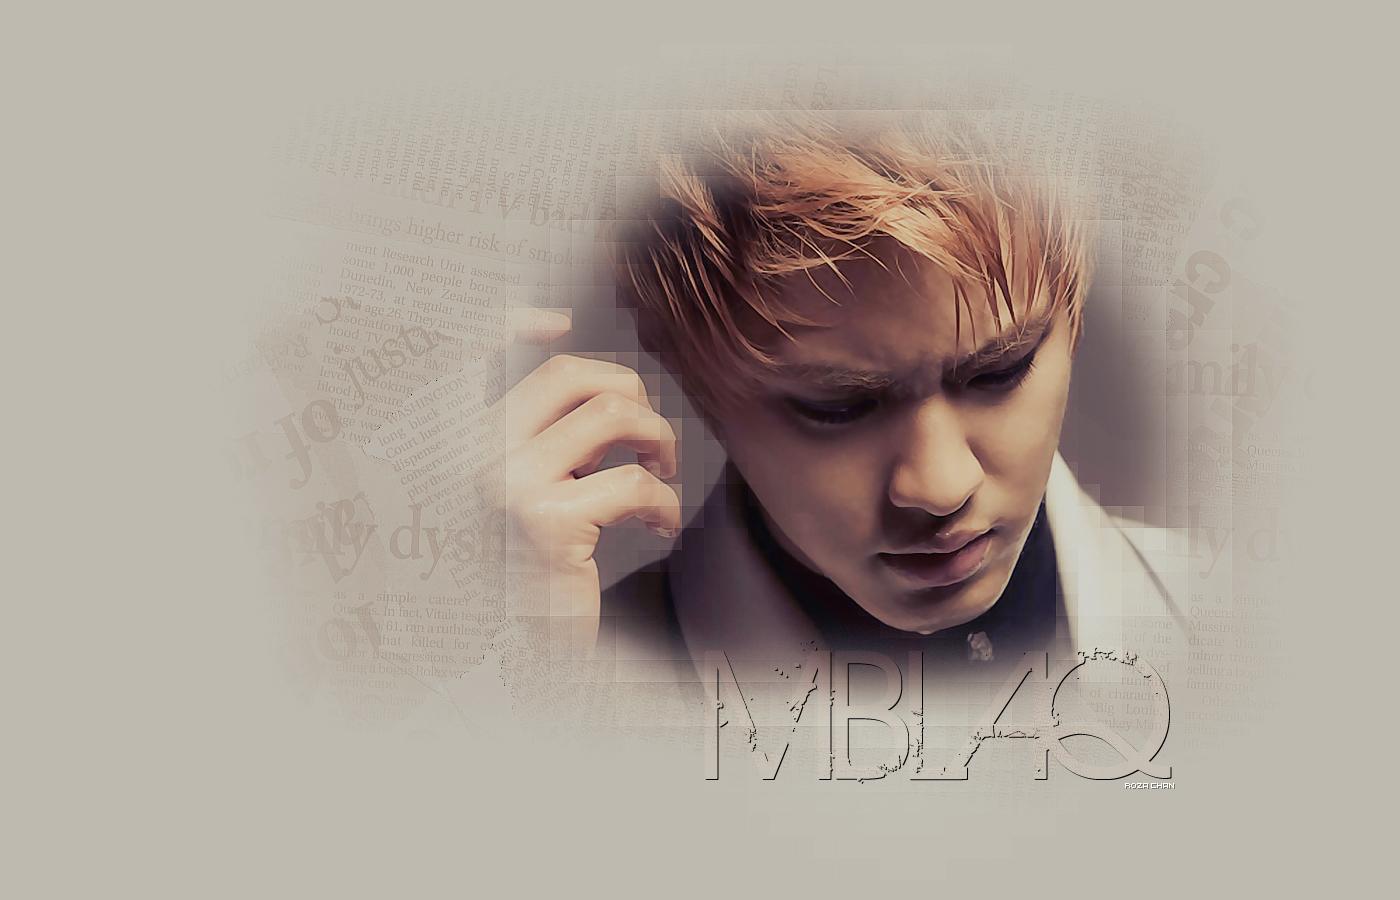 صور لفرقة MBLAQ من تجميعي Seung_ho_by_rozachan-d36xhn4